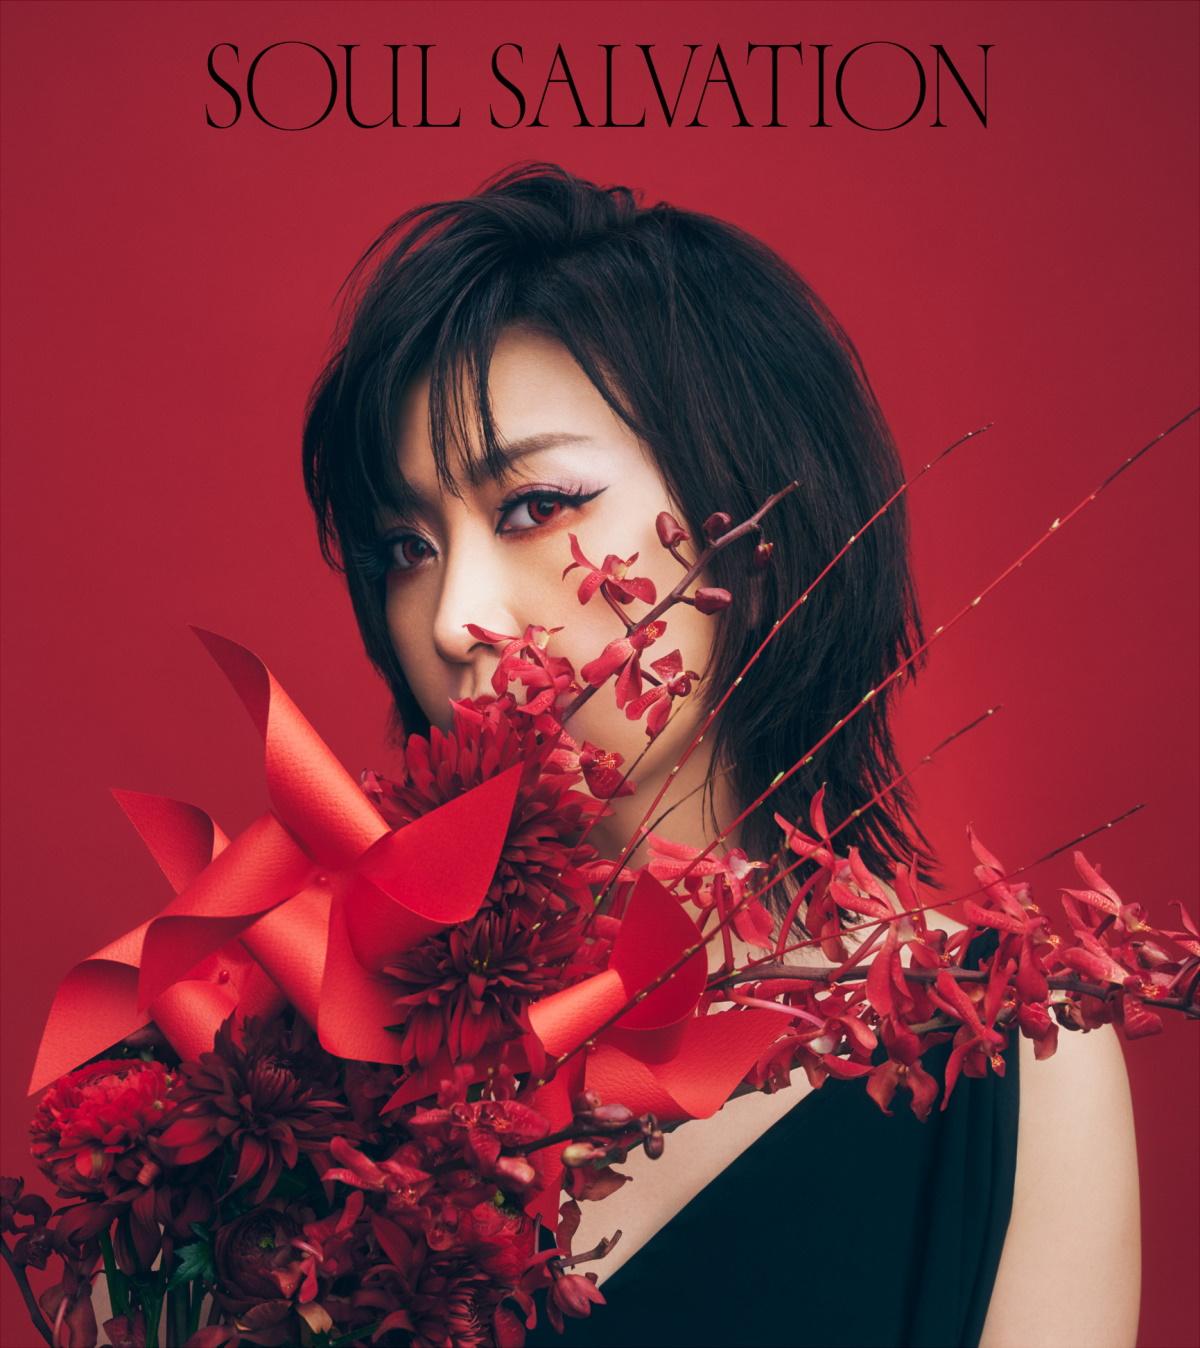 『林原めぐみ - Soul salvation』収録の『Soul salvation』ジャケット